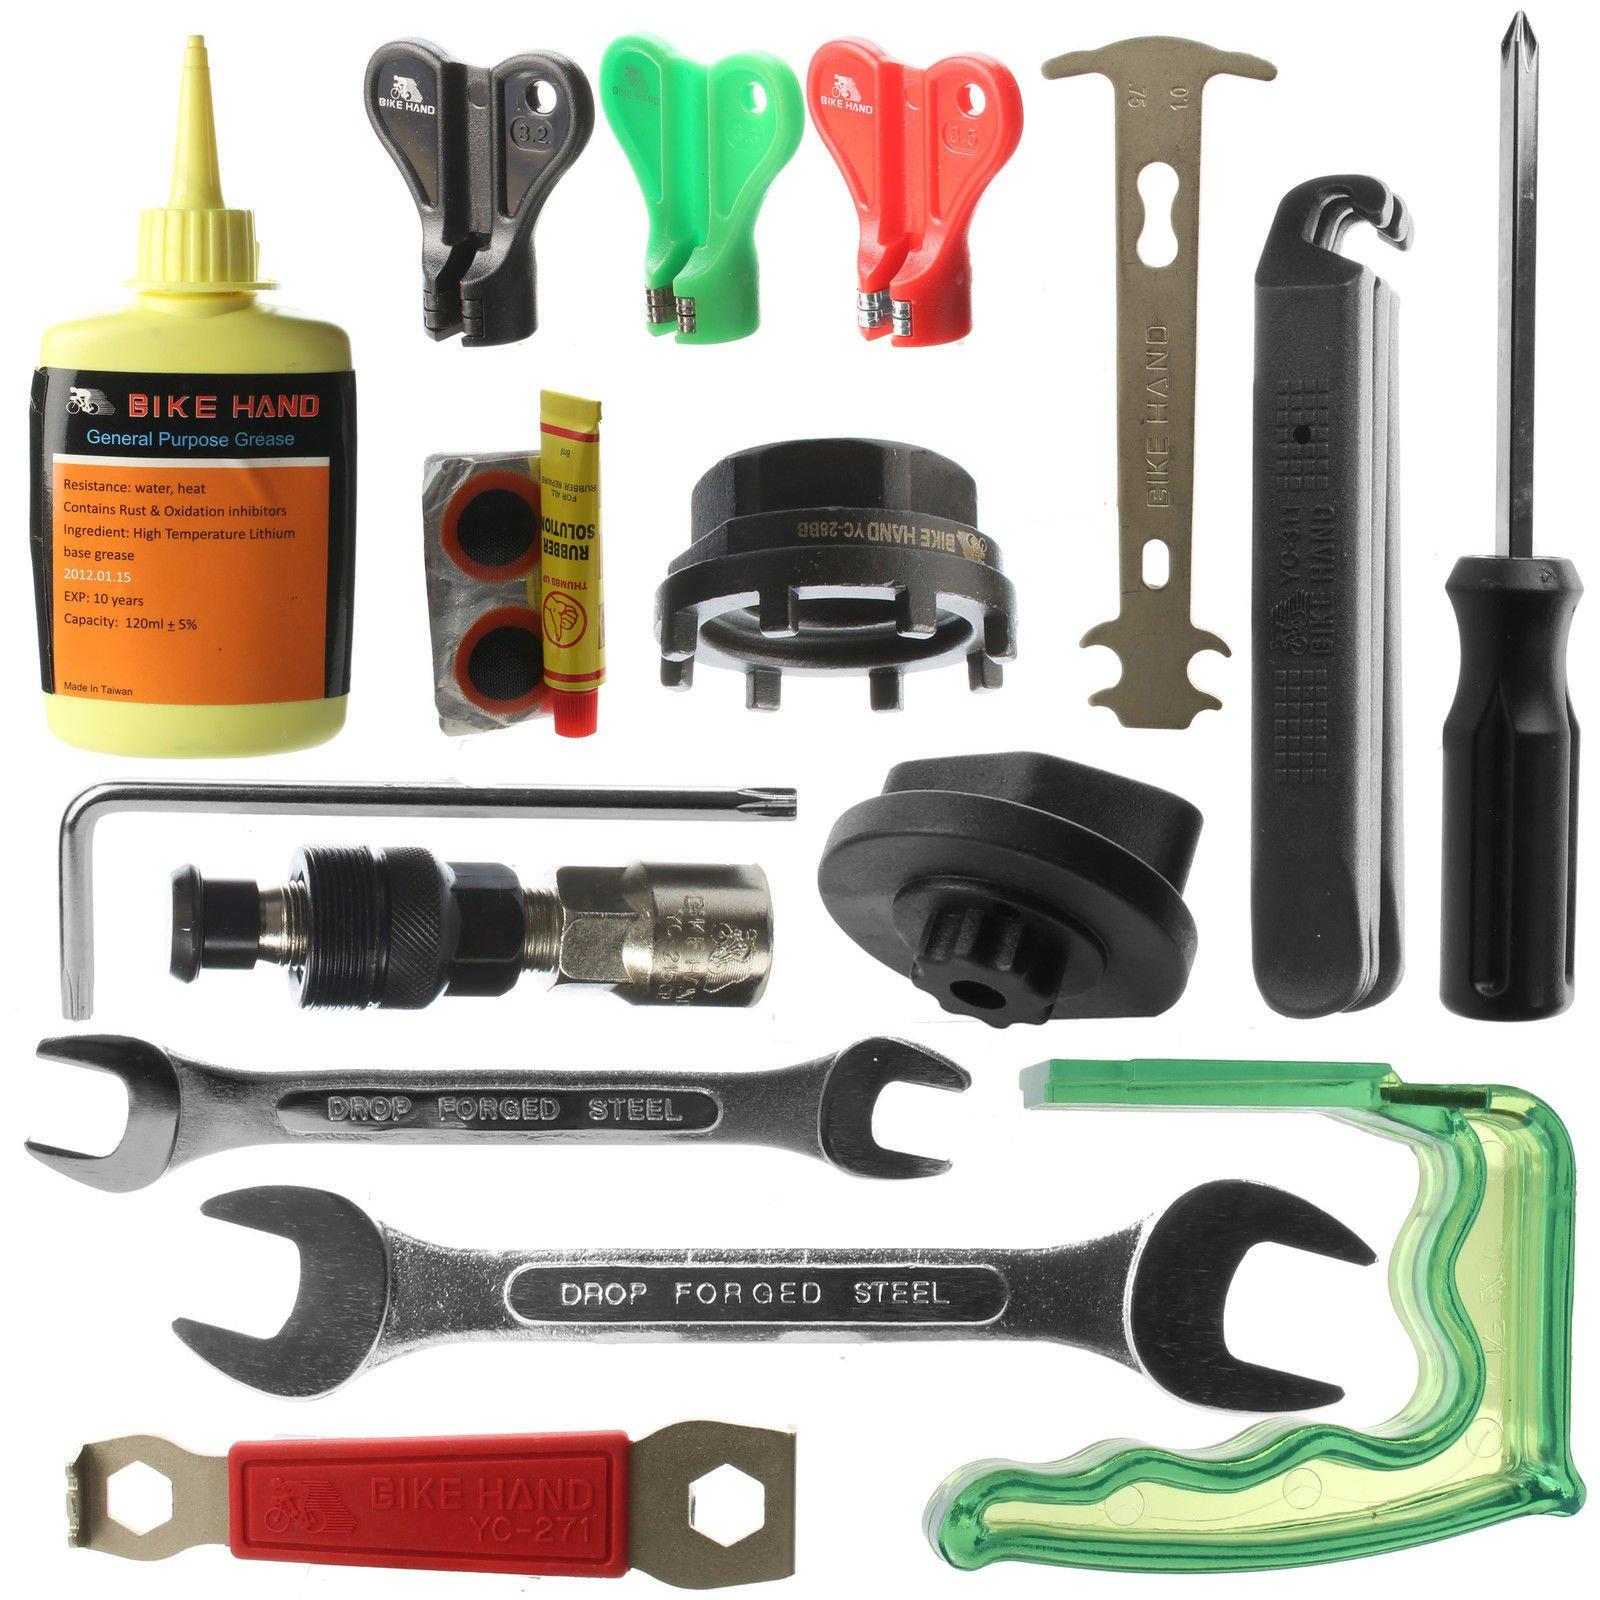 BIKEHAND Complete Bike Bicycle Repair Tools Tool Kit by Bikehand (Image #2)